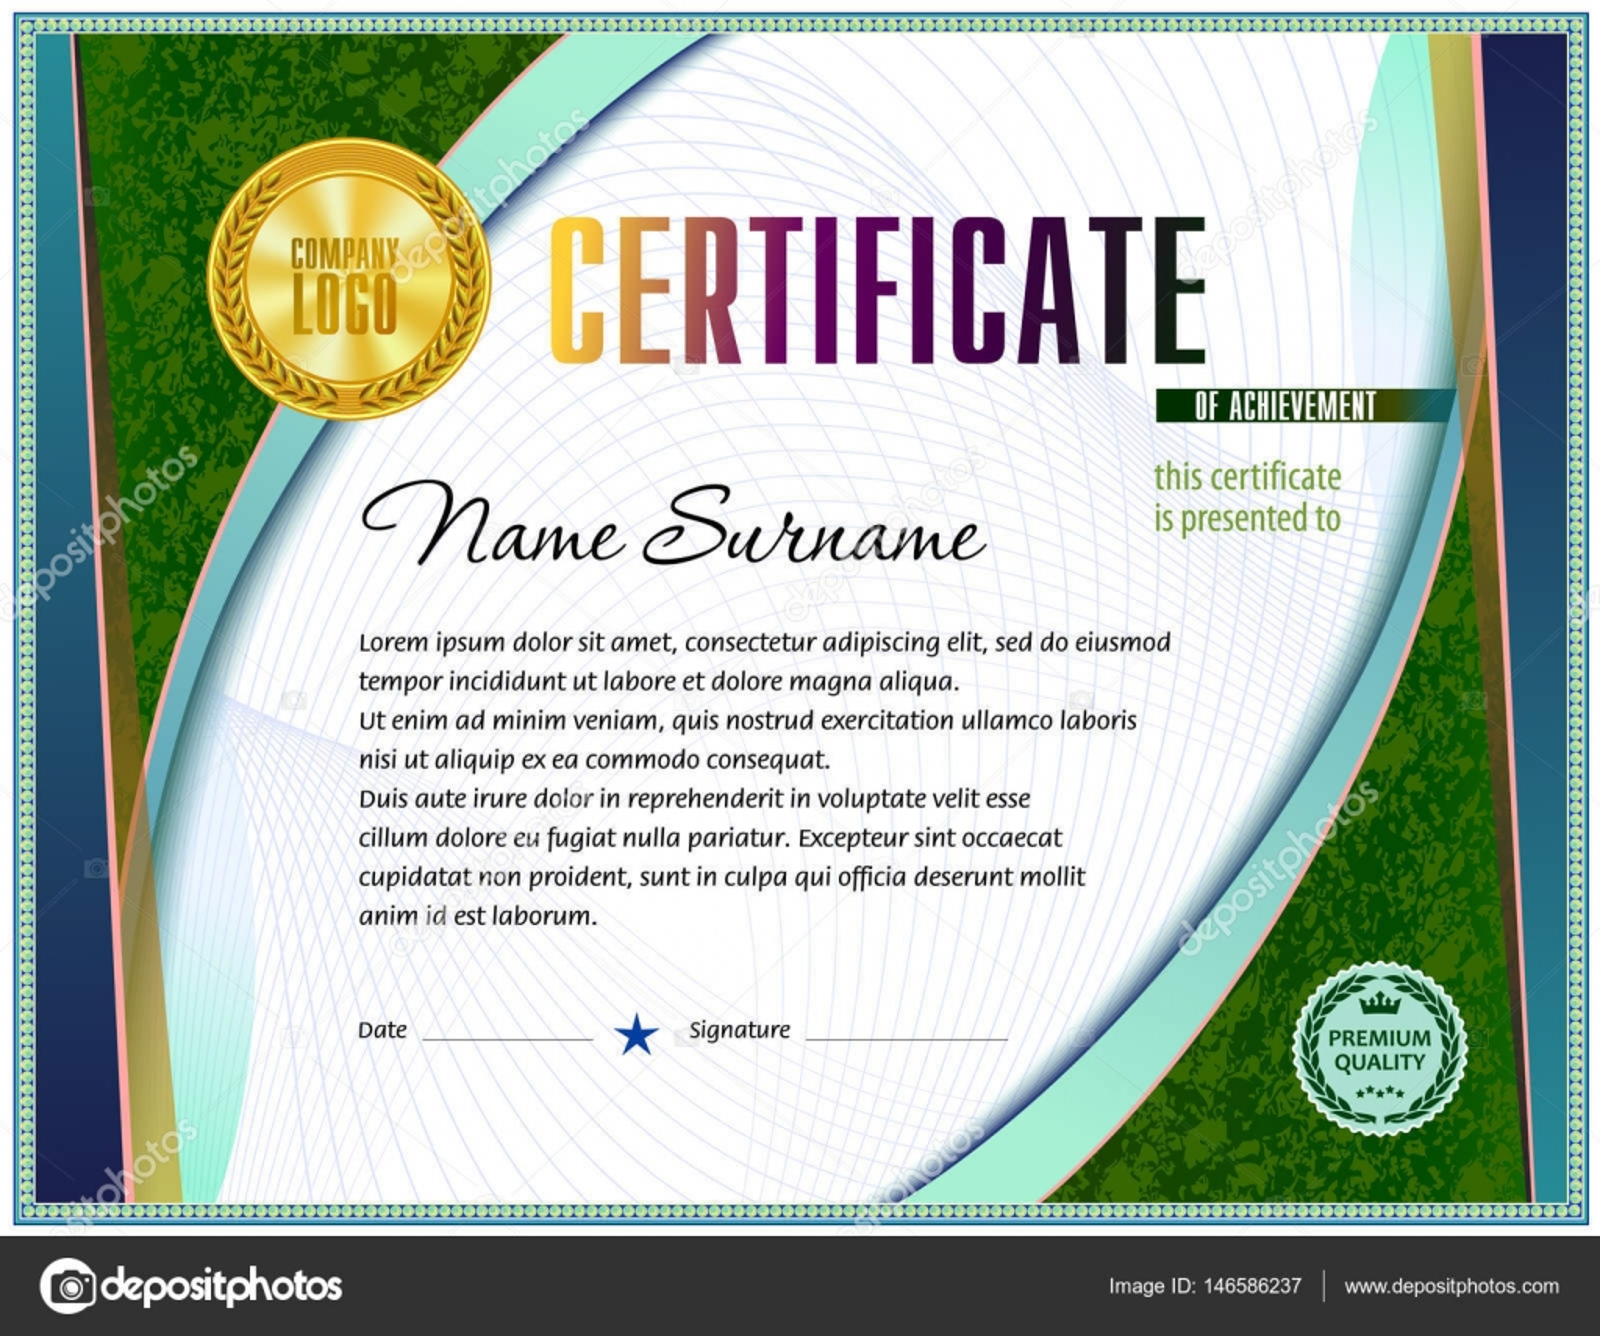 Großartig Kostenlose Leere Zertifikatvorlage Zeitgenössisch - Entry ...